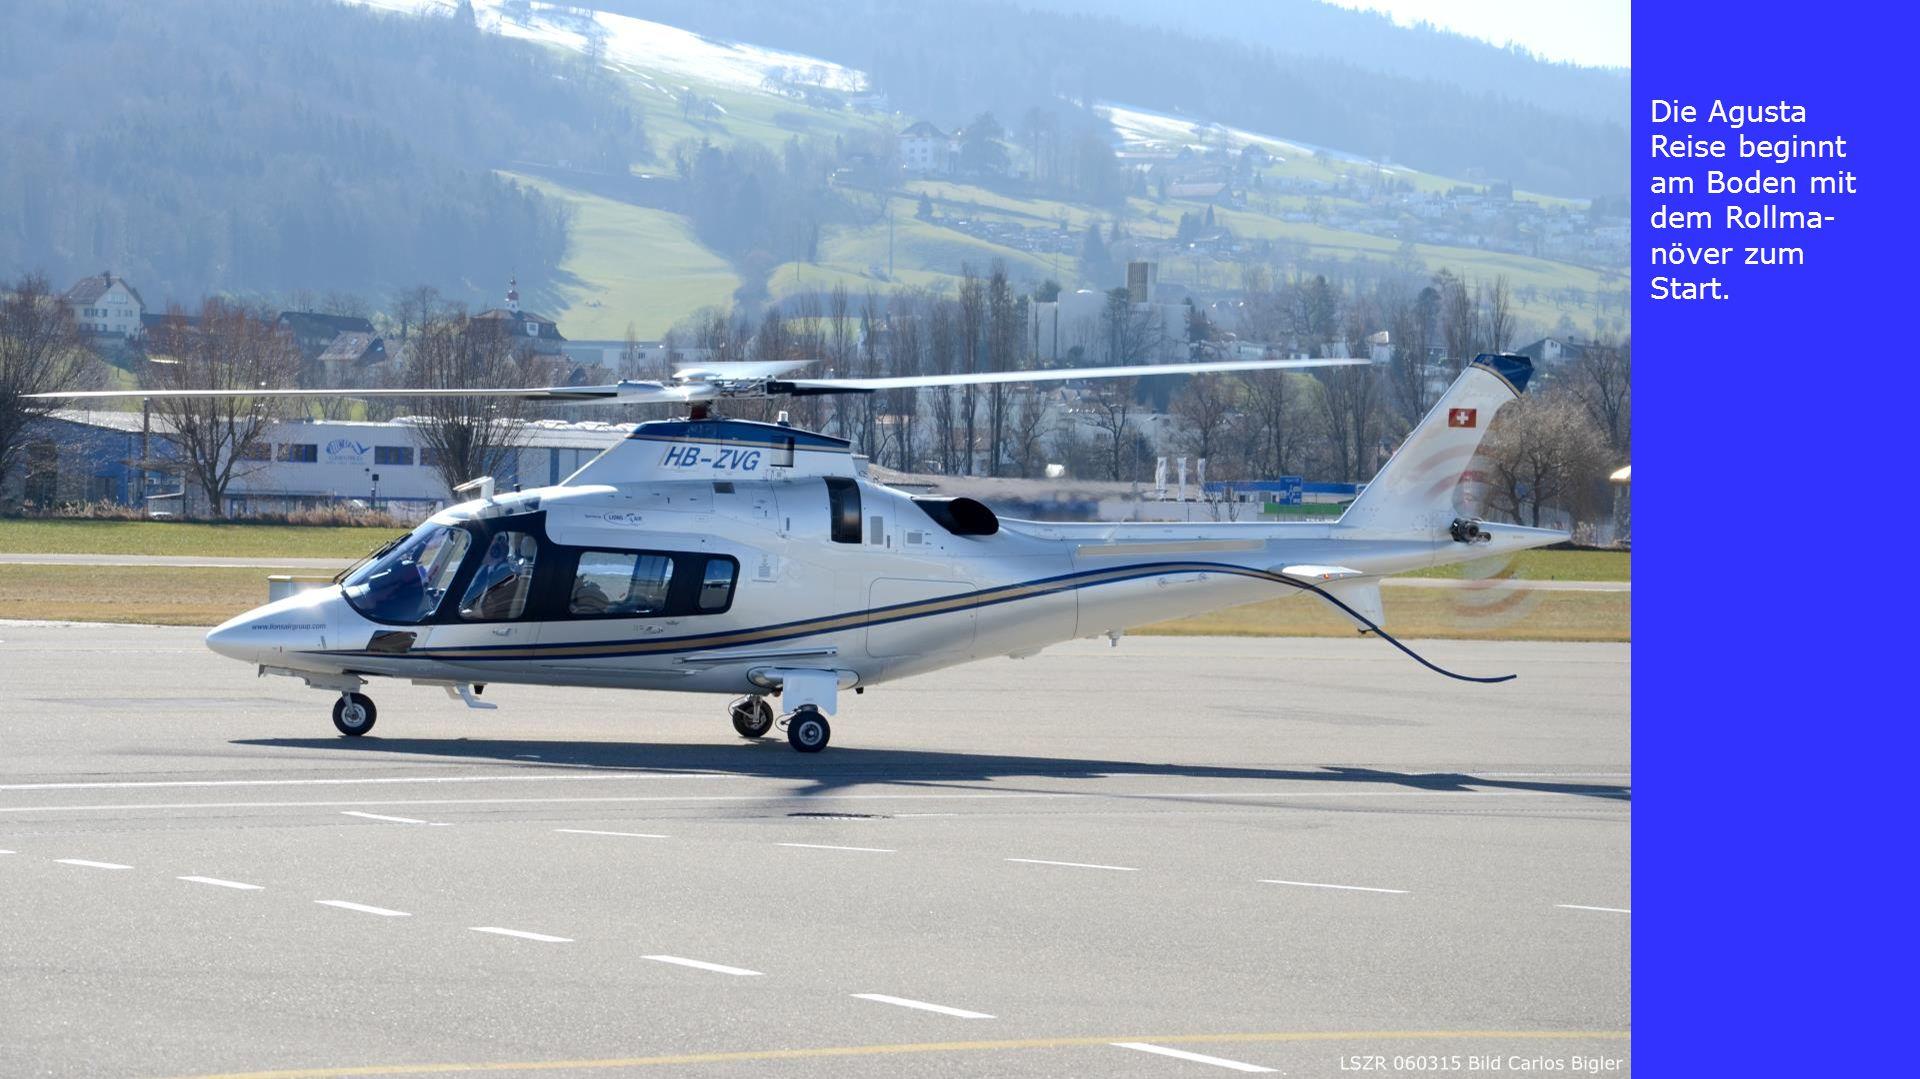 Die Agusta Reise beginnt am Boden mit dem Rollma- növer zum Start.